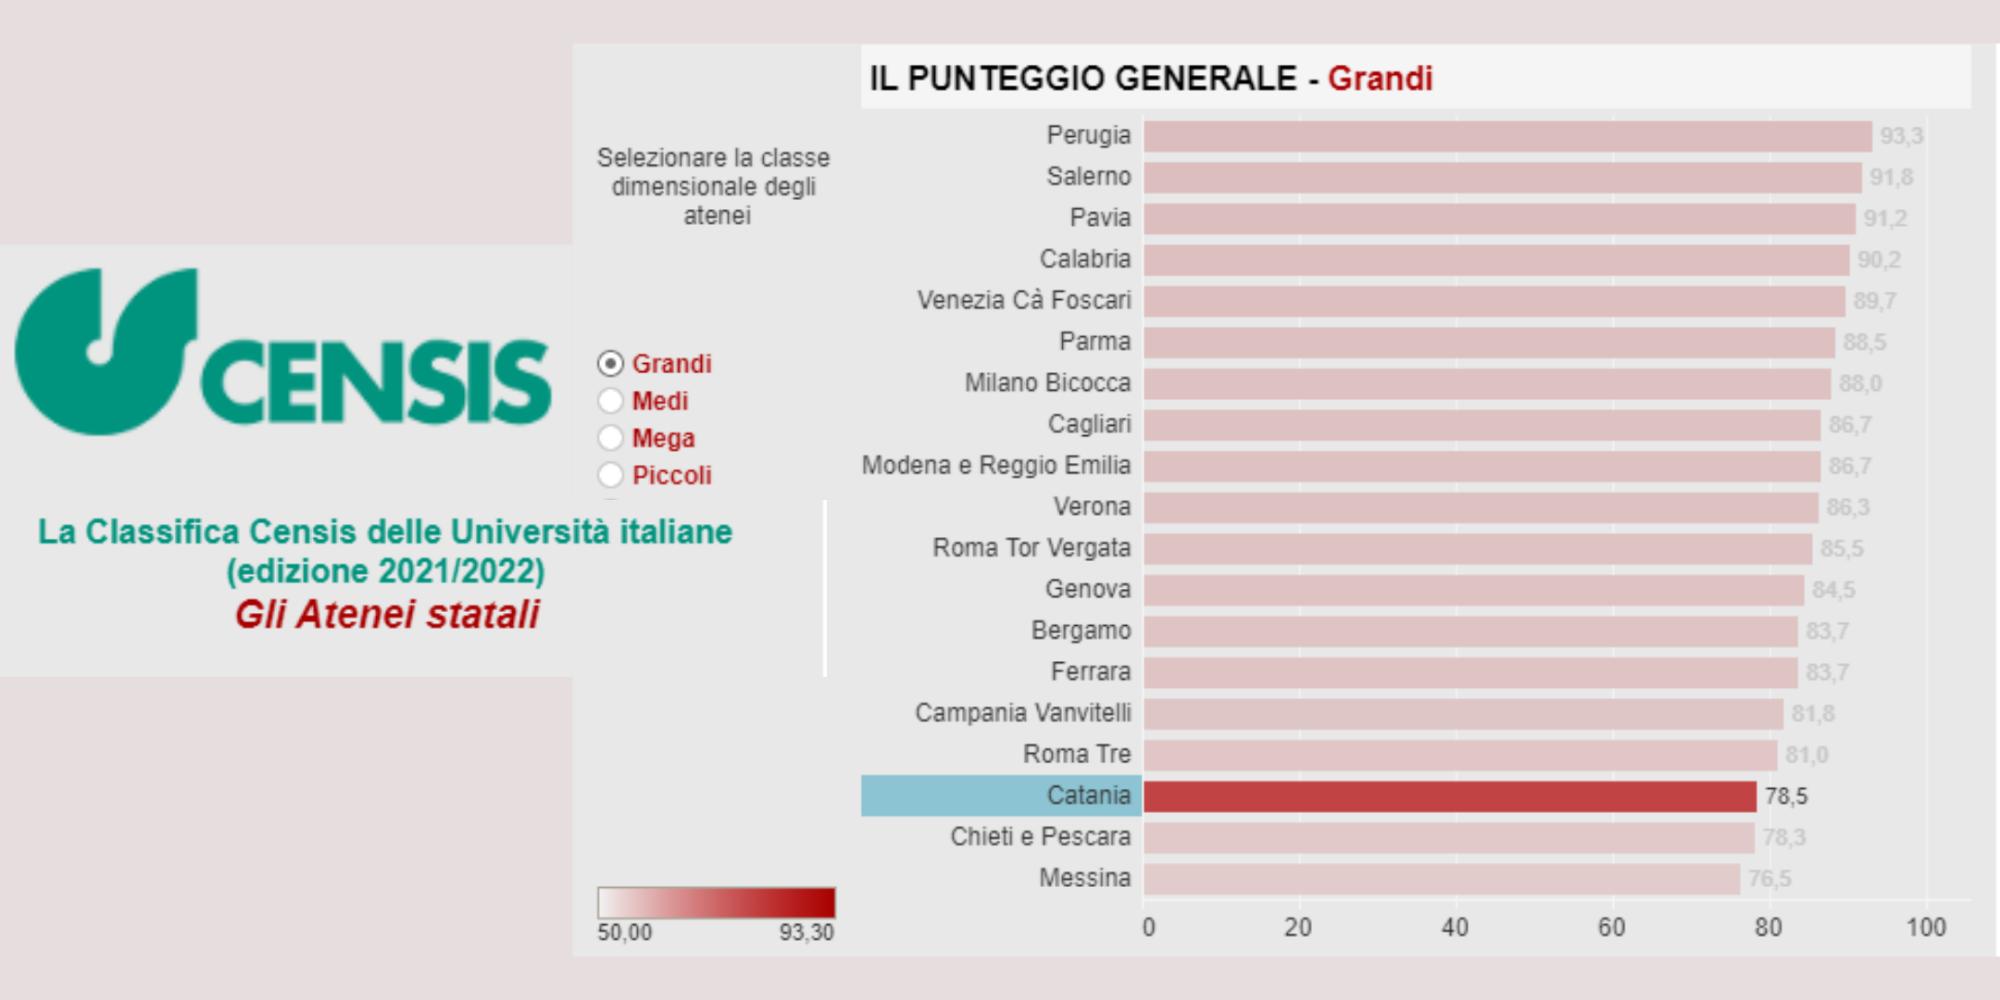 Amministratori Giudiziari nominati dal Tribunale di Catania: 6 (SEI) professionisti 420 (QUATTROCENTOVENTI) incarichi